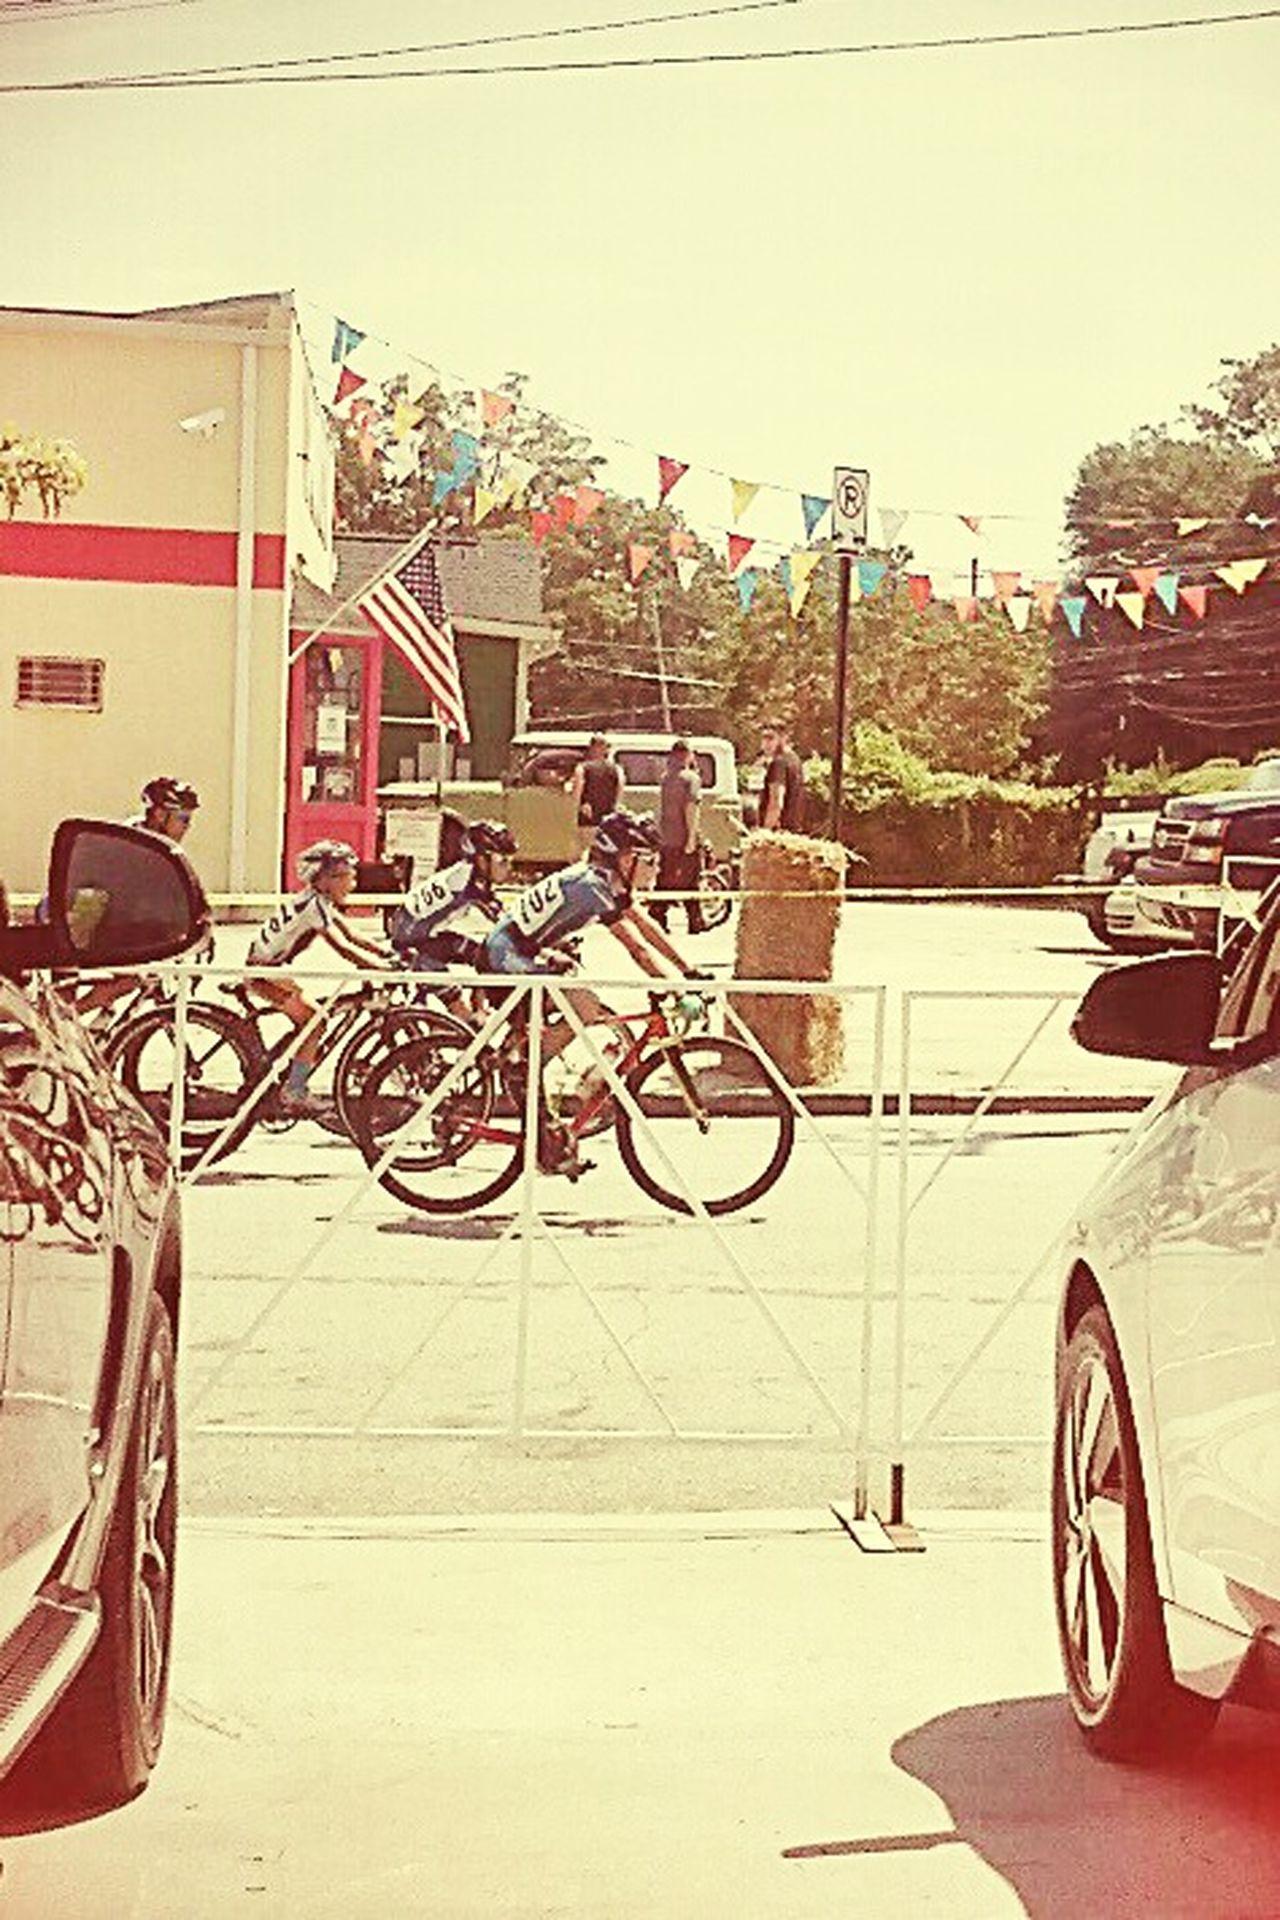 Bicycle Biking Biketouring Bike Race Biketour Mode Of Transport Transportation Land Vehicle Day No People Outdoors